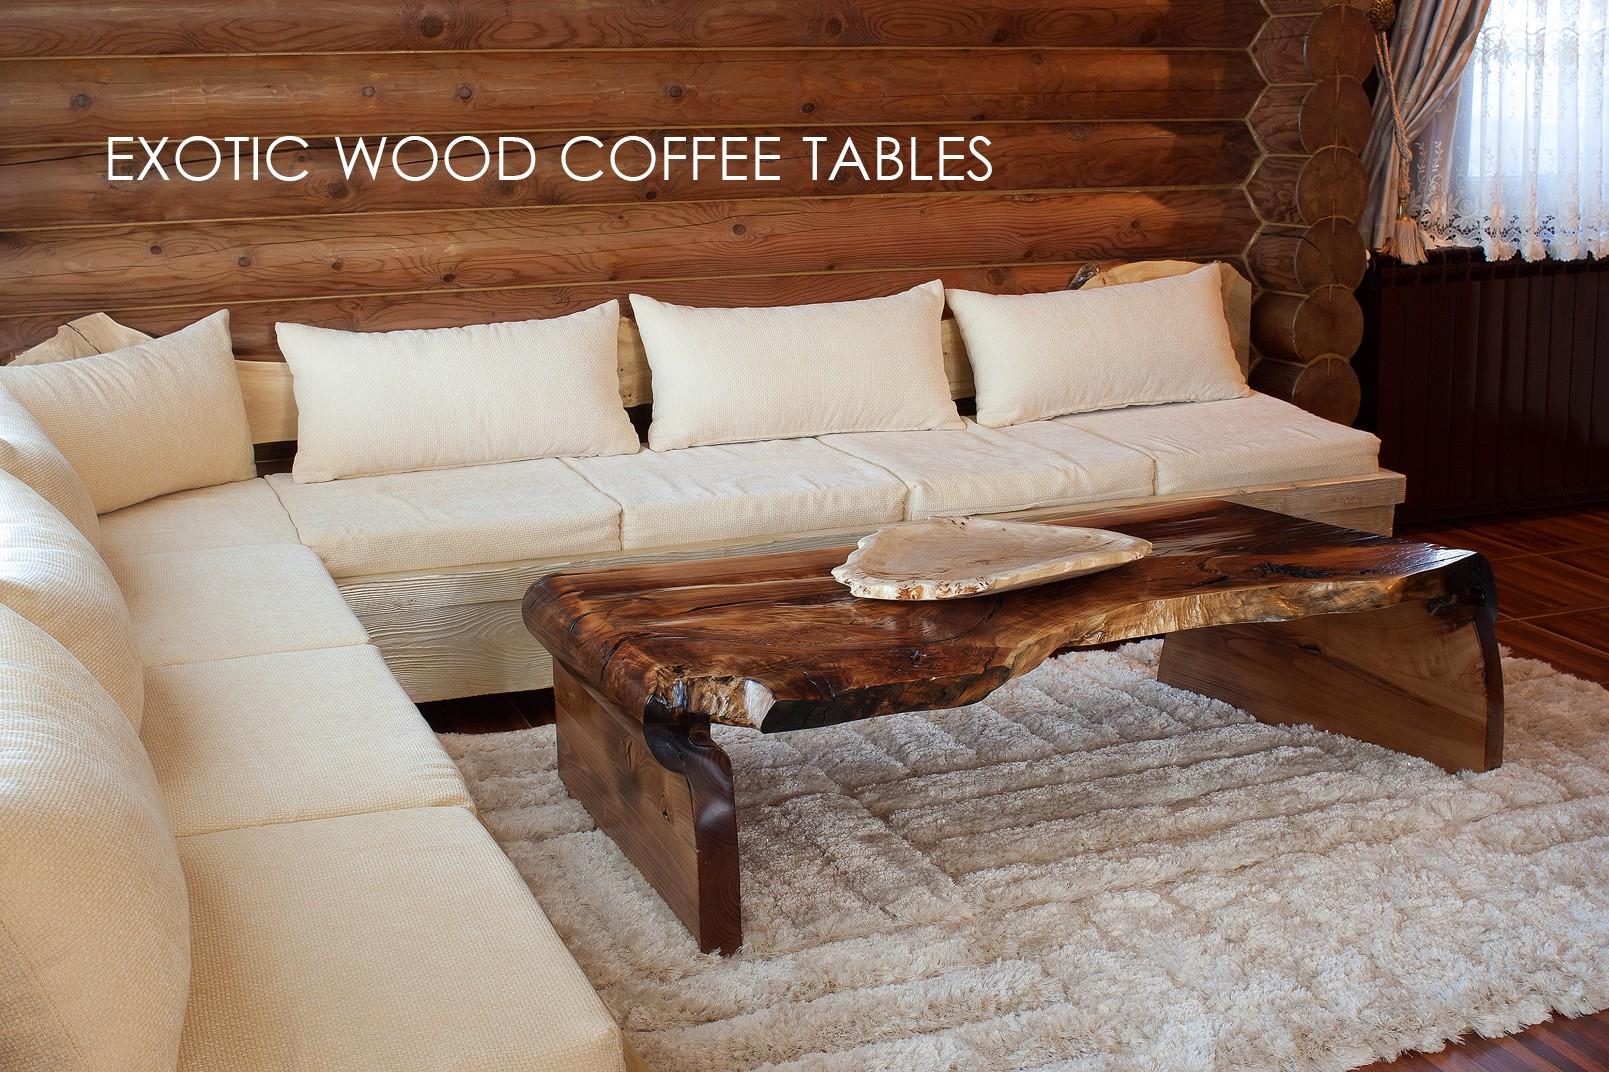 Εξωτικά τραπέζια από ξύλο καφέ